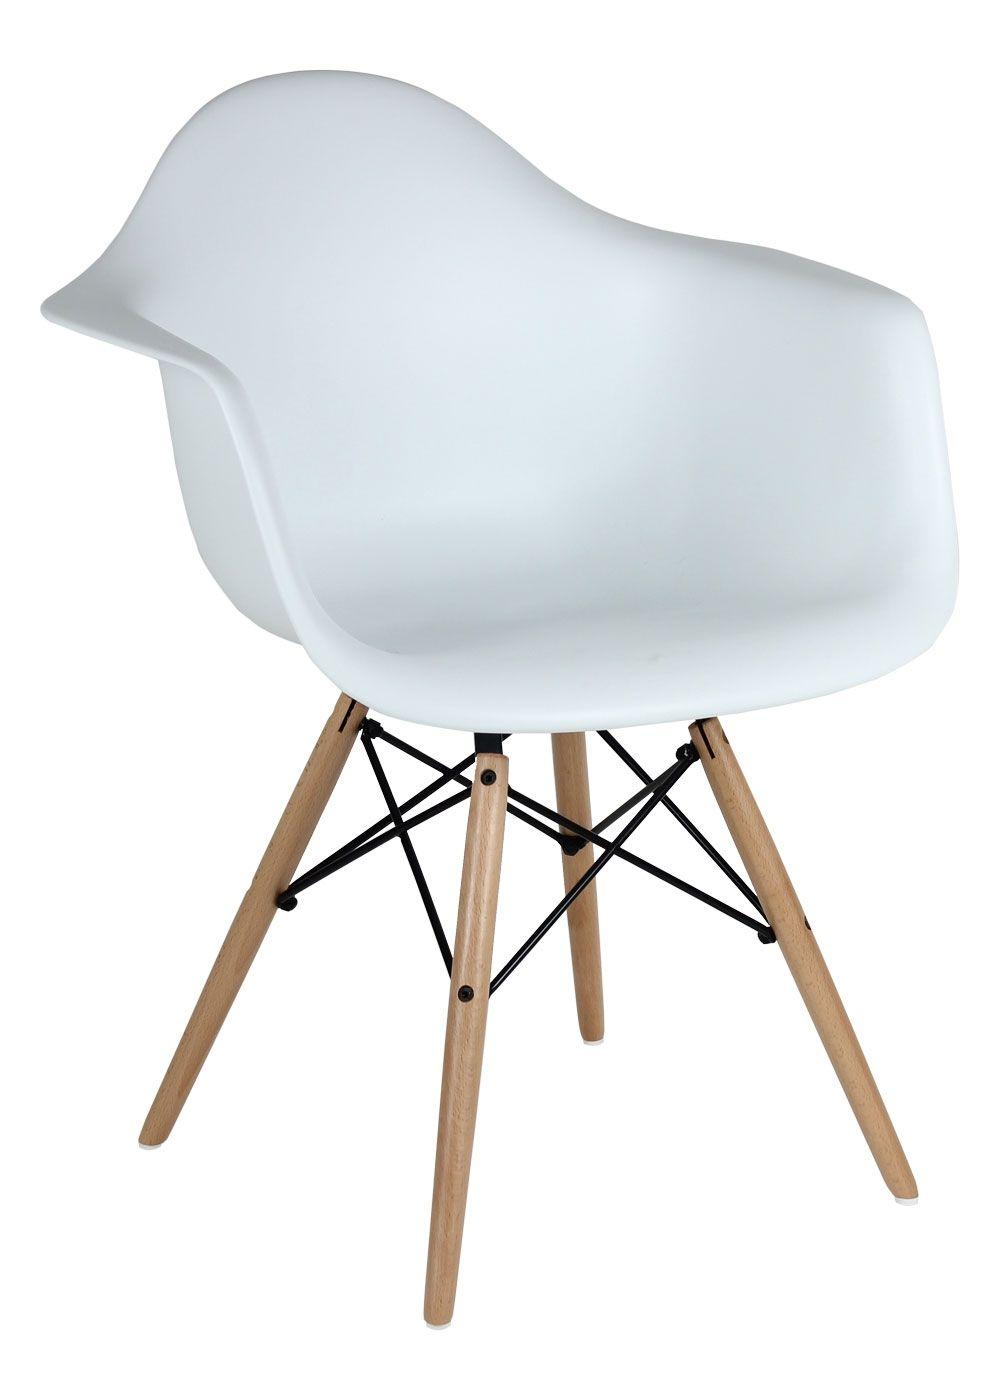 Chaise DAW | chairs | Pinterest | Charles eames